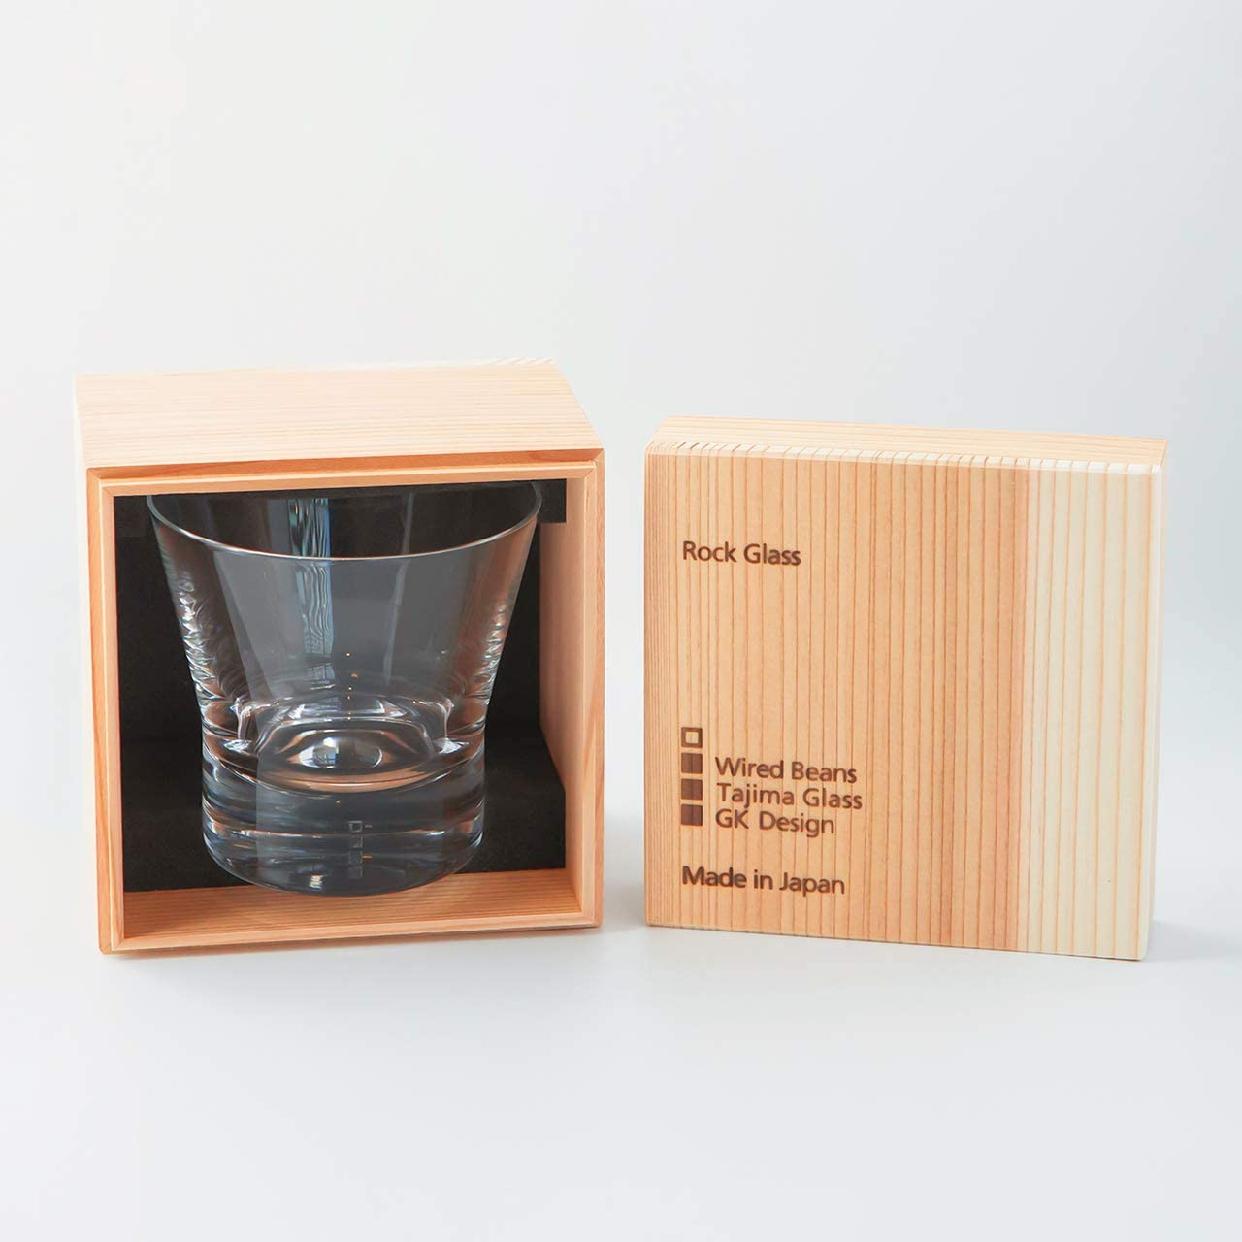 Wired Beans(ワイヤードビーンズ) 生涯を添い遂げるグラス ロック トランスペアレント(透明)国産杉箱入りの商品画像2